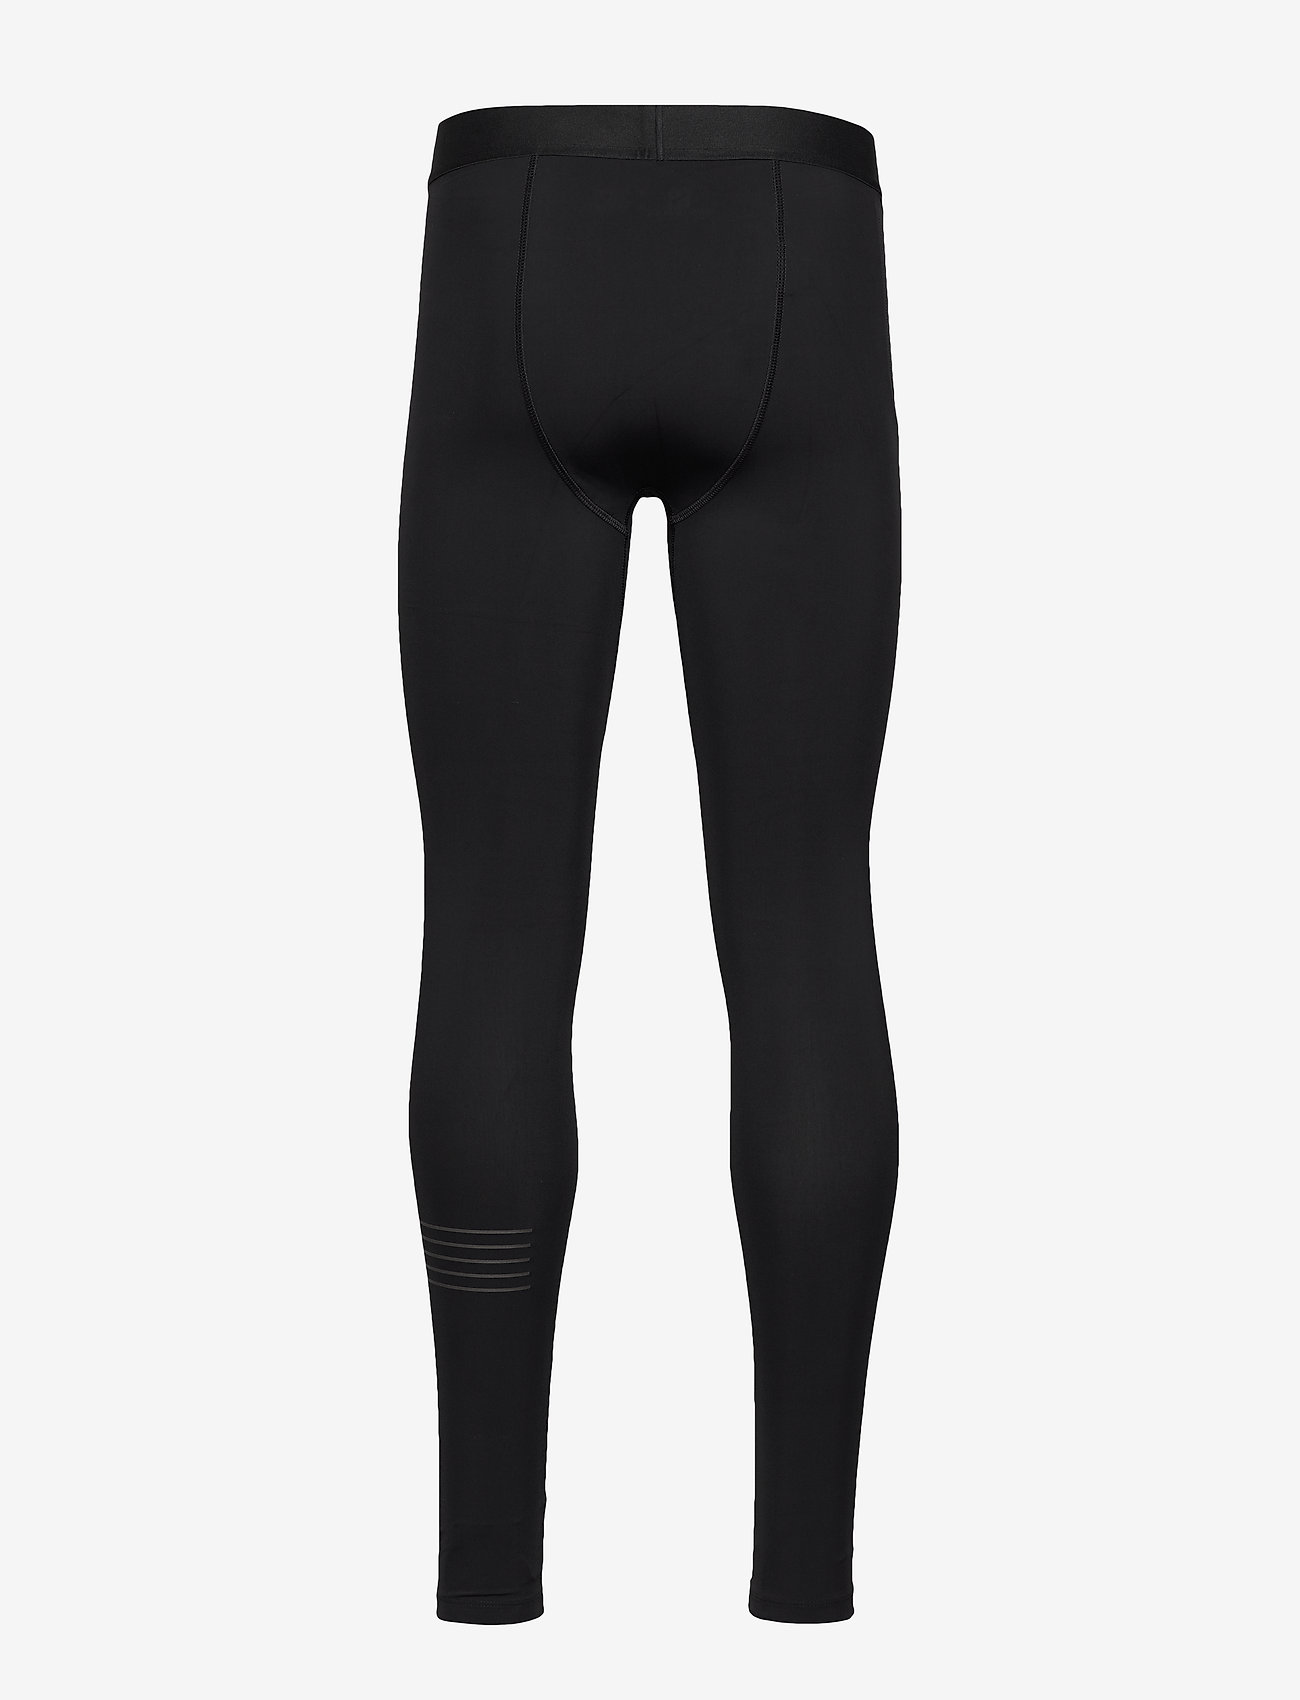 Salomon - EXO MOTION LONG TIGHT M - running & training tights - black - 1